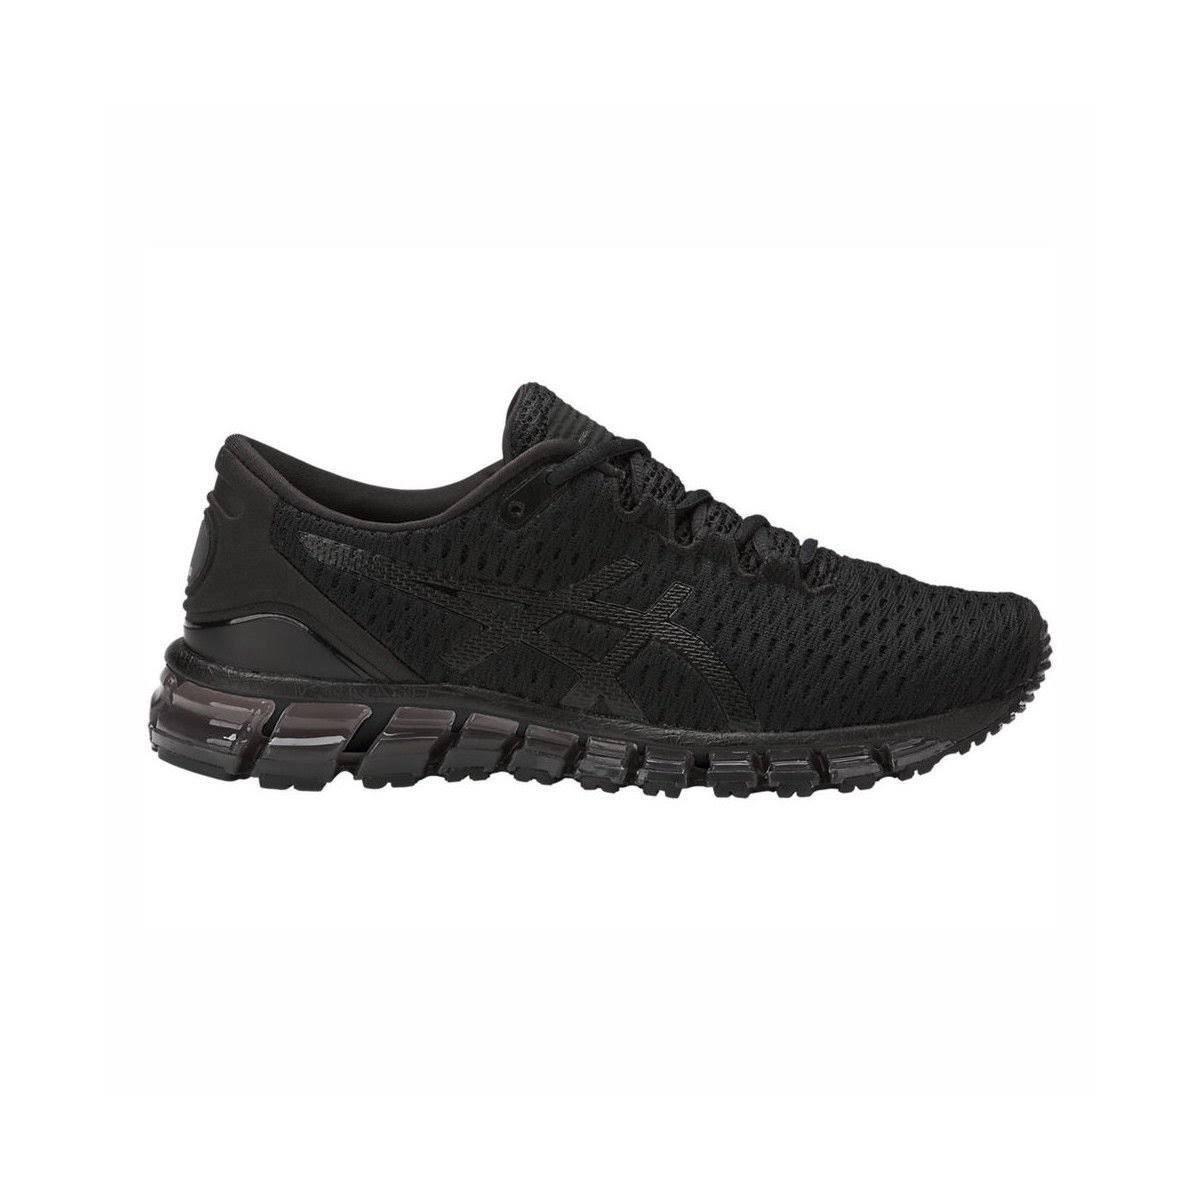 Shift 9b 360 Tamaño Negro Zapatillas Mujer quantum Para Asics Gel Blanco 8FxI6Pq